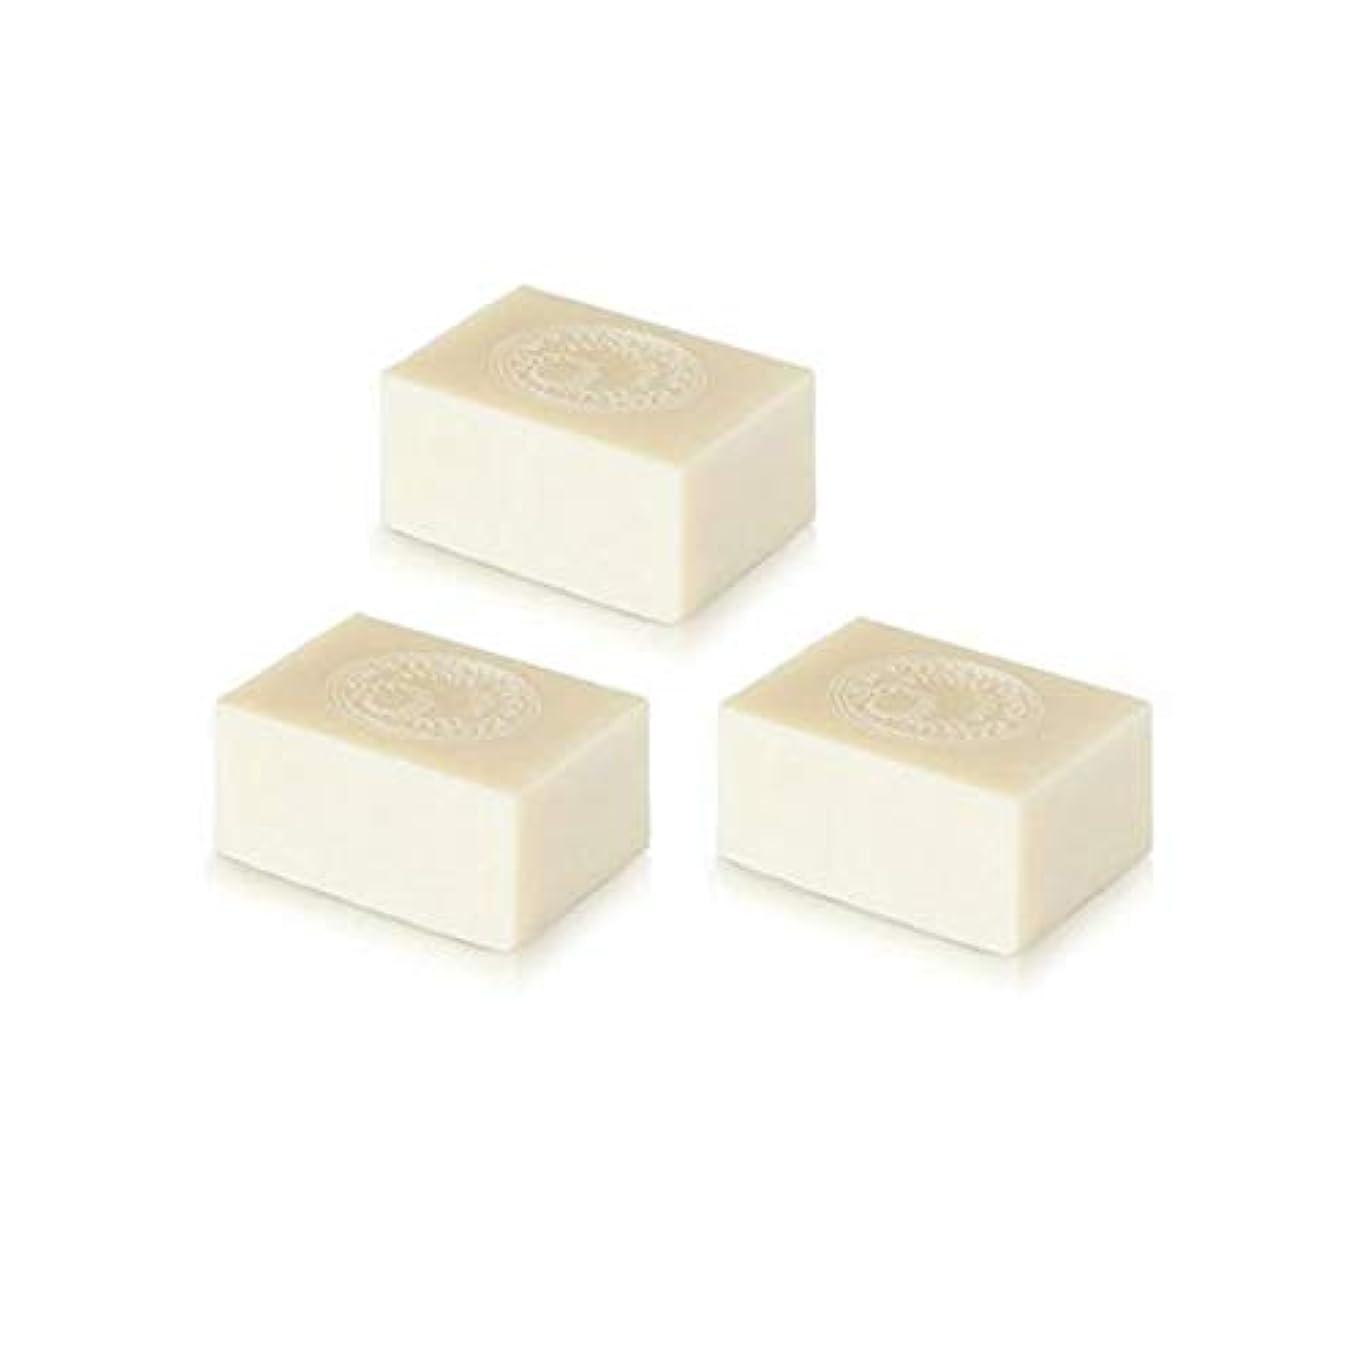 汚す必要条件剃るアルガン石鹸3個セット( 145g ×3個) アルガンオイルの完全無添加石鹸